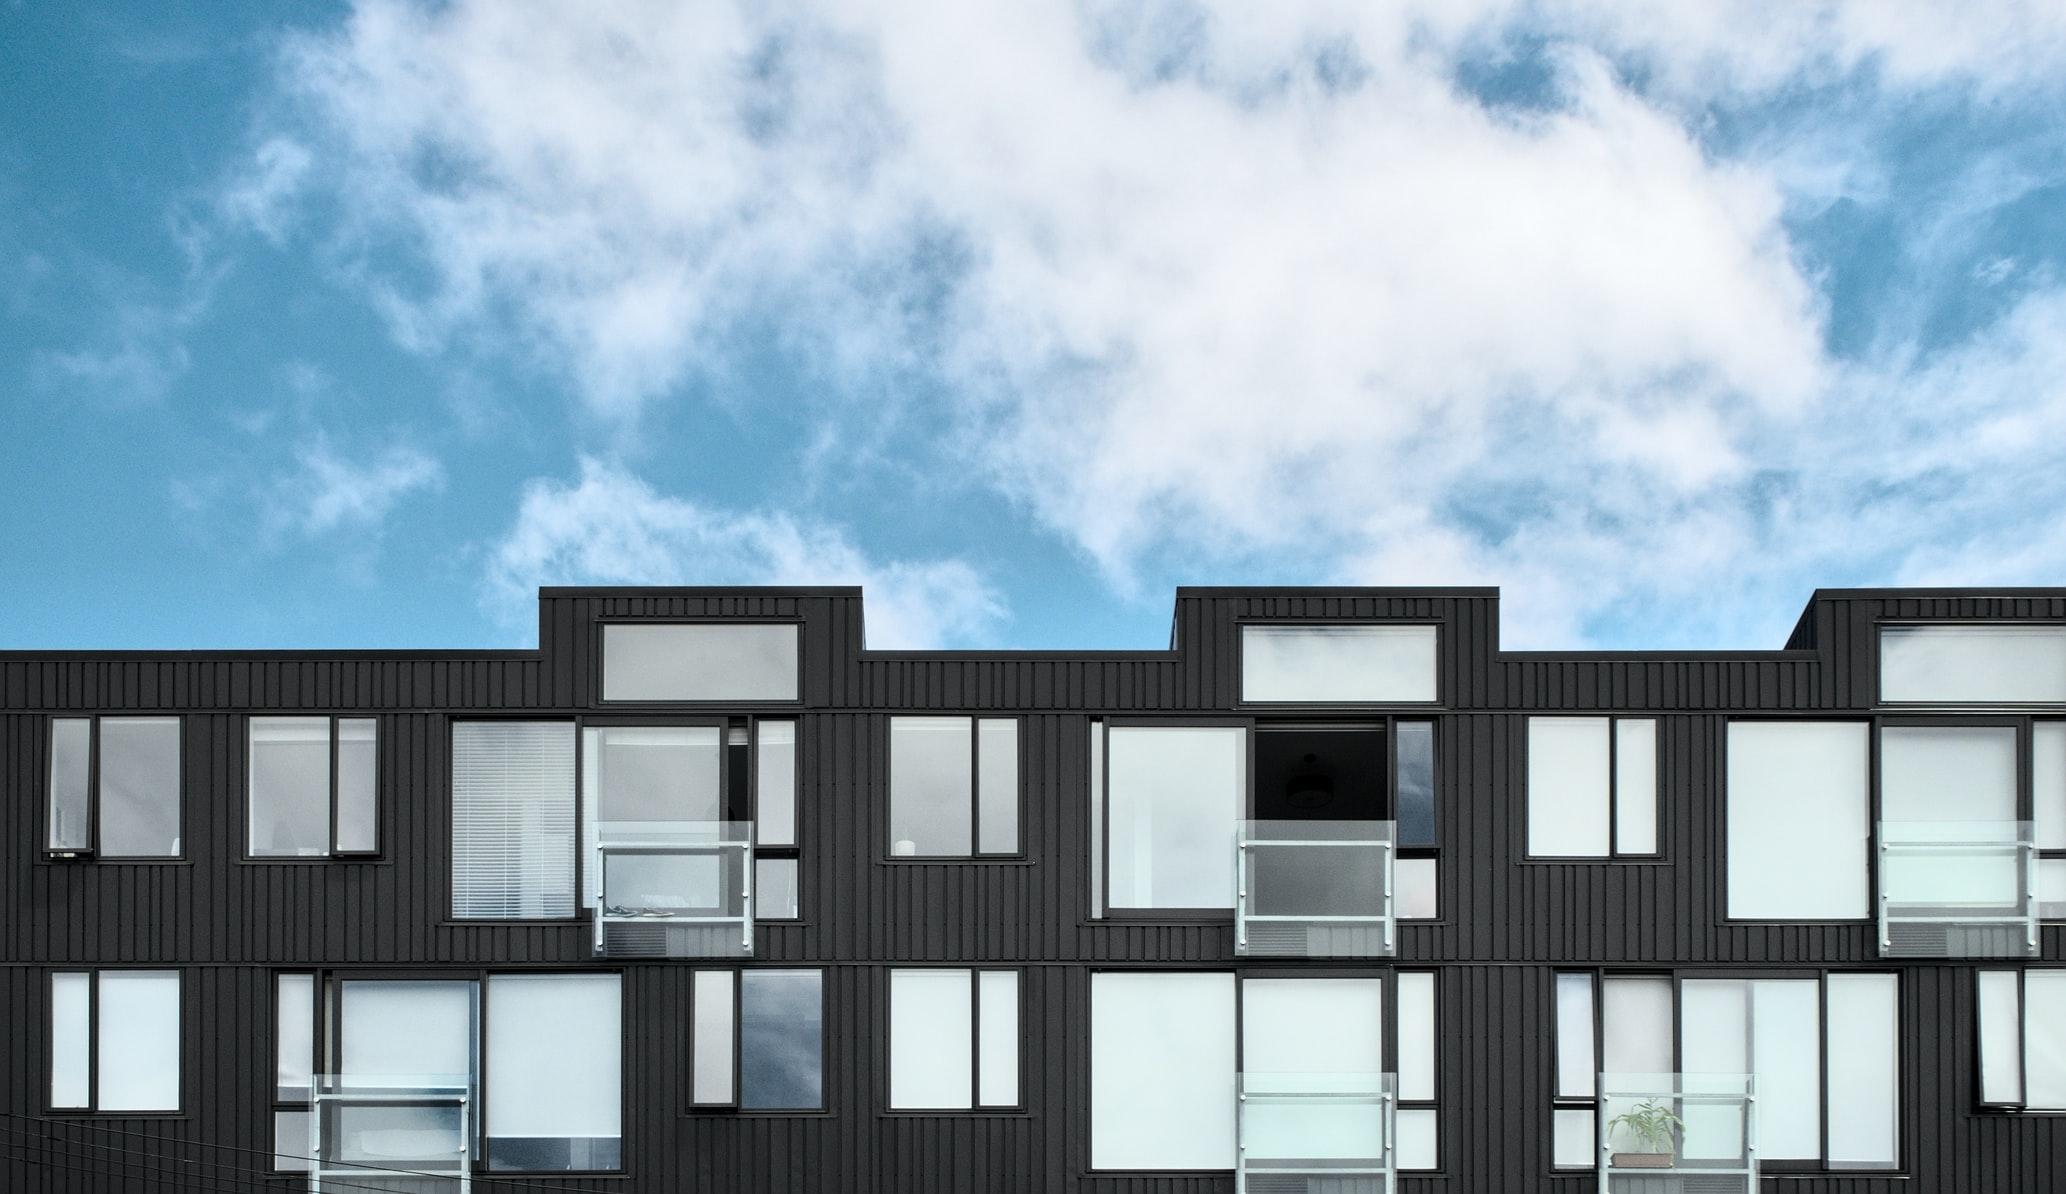 Moderne leiligheter med høye vinduer og arkitektisk byggutforming